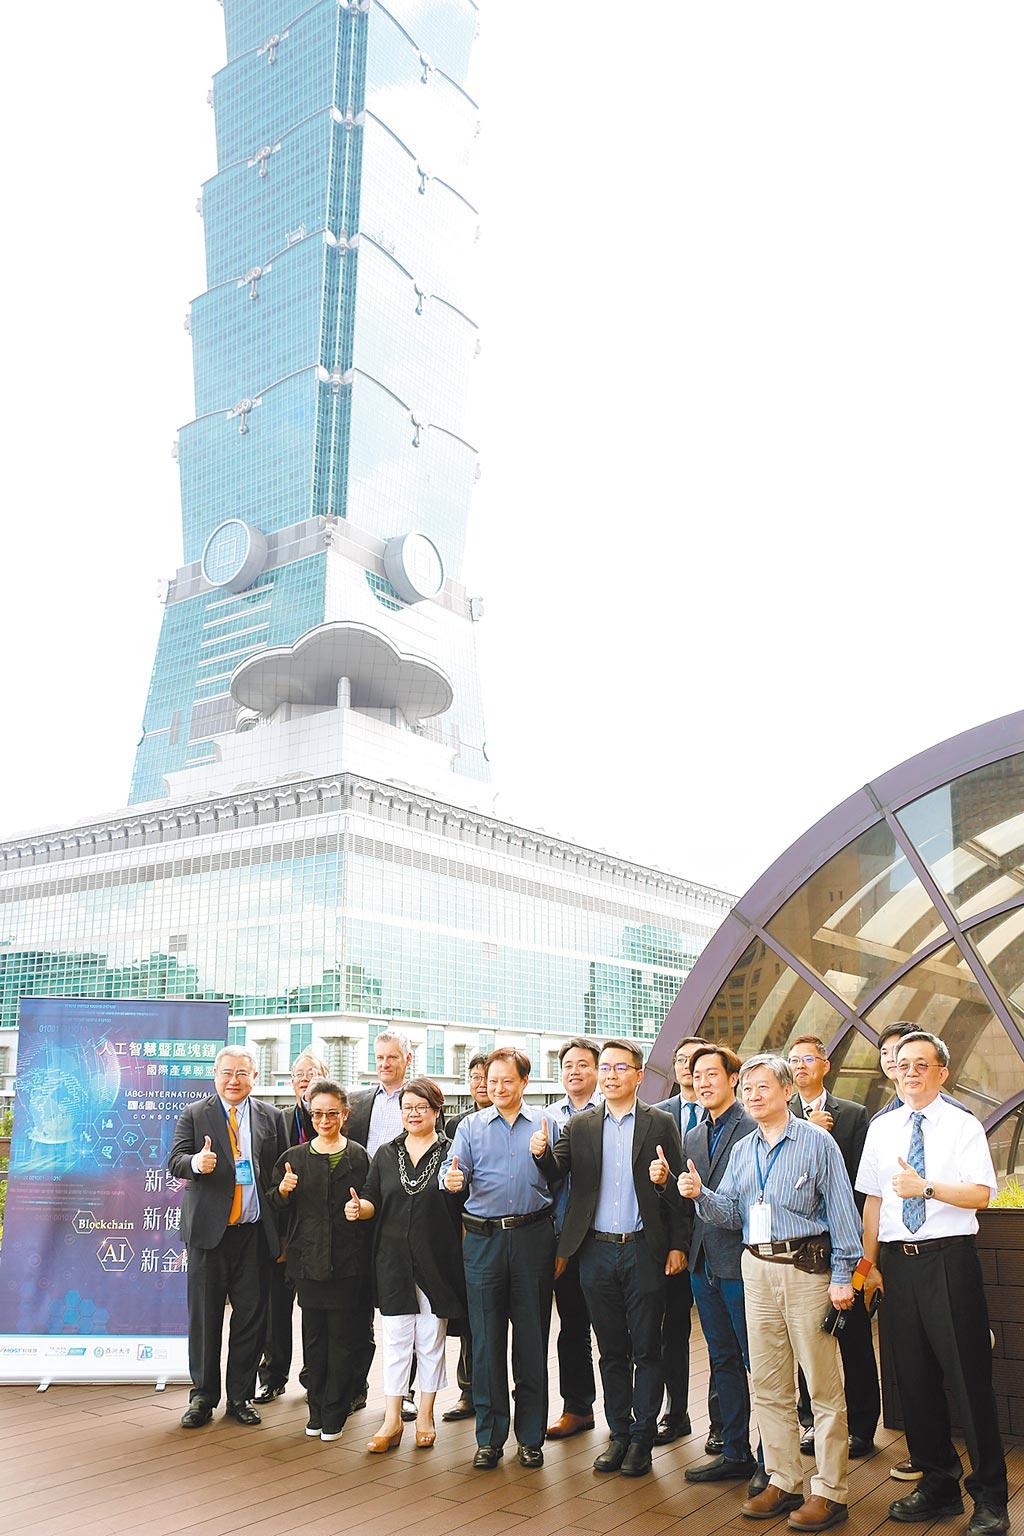 亞洲大學副校長林蔚君與IBM等國外講者及論壇專家學者在101前合影。圖/業者提供